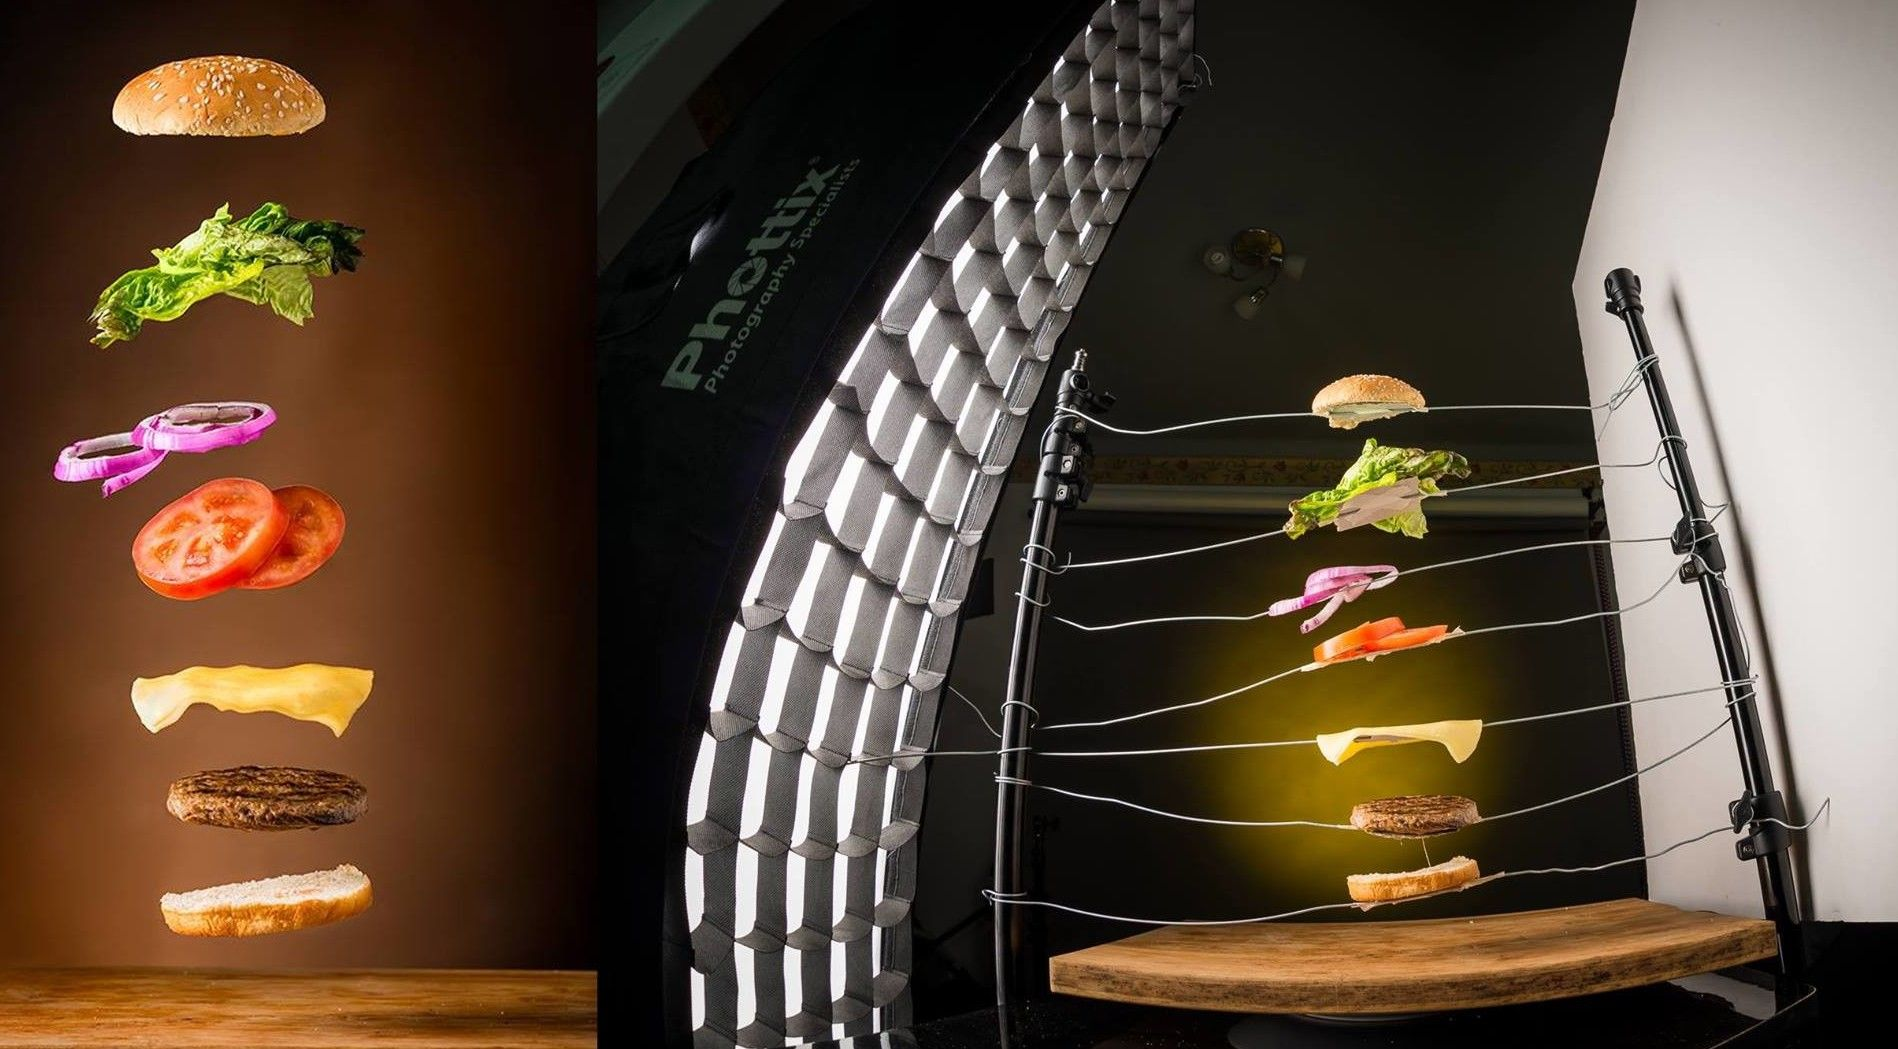 фотосъемка еды для рекламы них его ботаническое